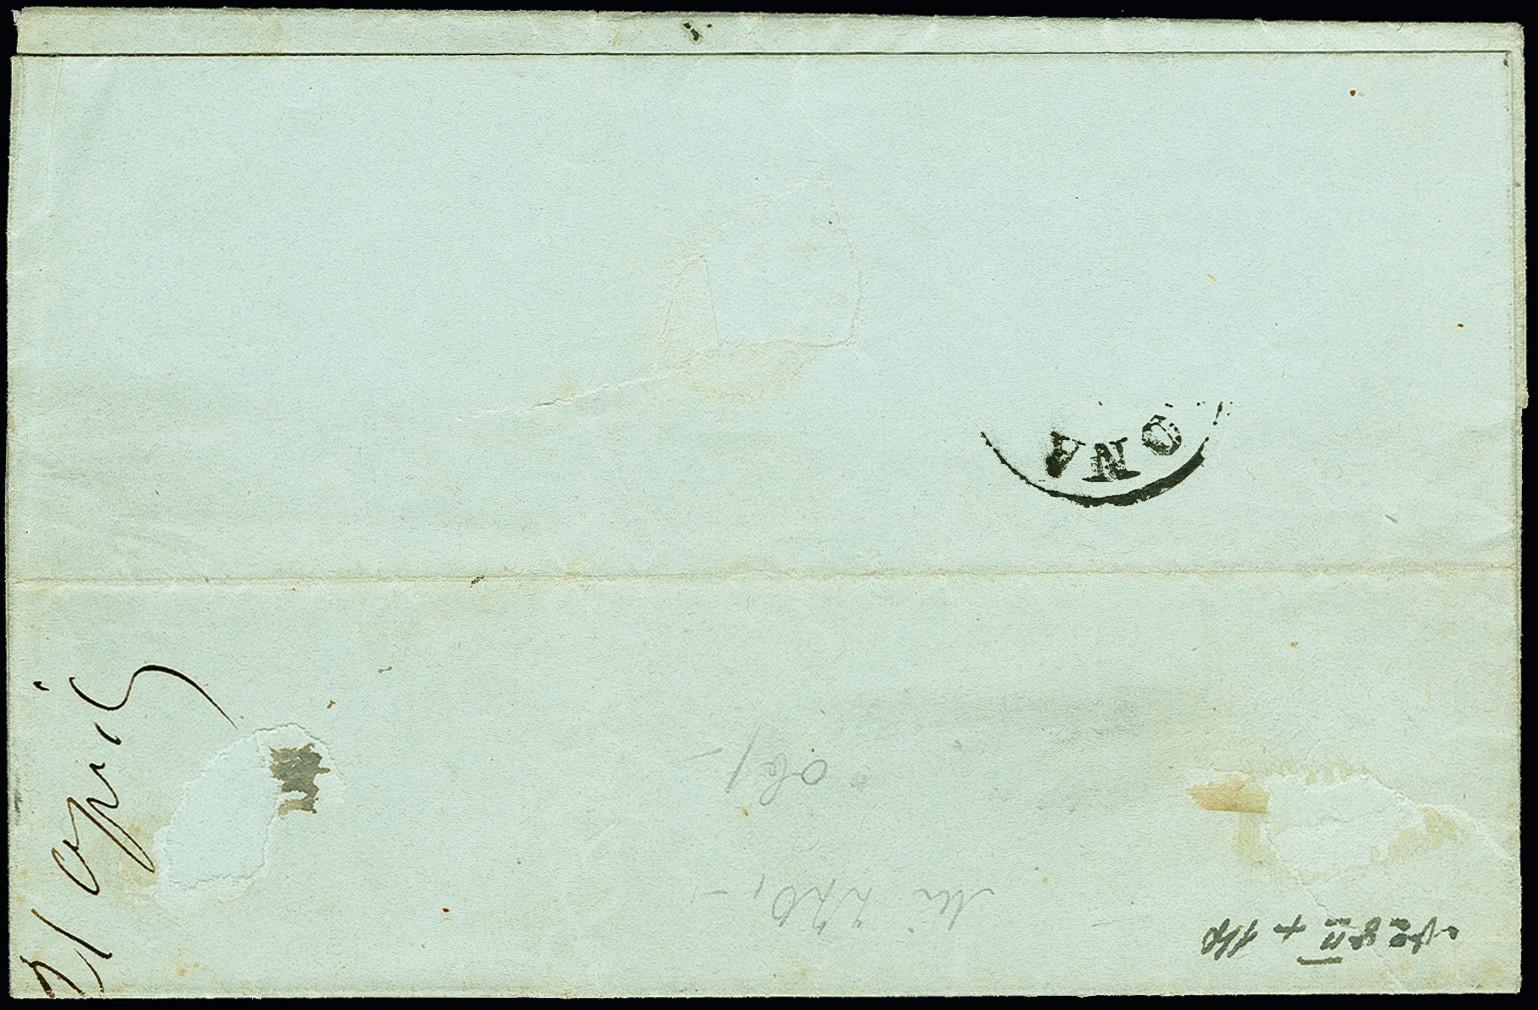 Lot 1107 - österreich lombardy venetia -  Heinrich Koehler Auktionen 375rd Heinrich Köhler auction - Day 1